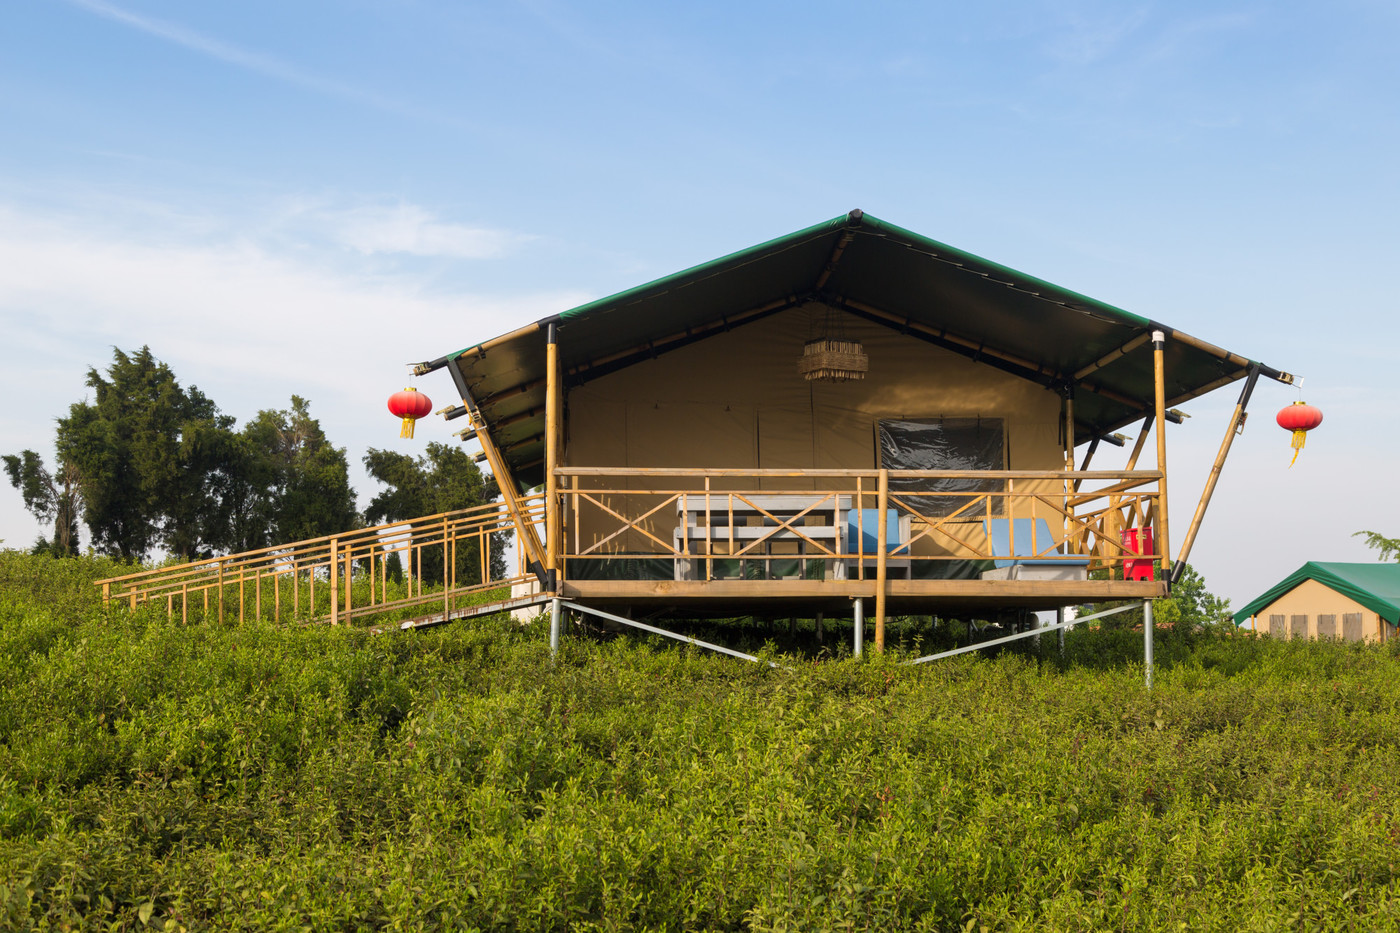 喜马拉雅野奢帐篷酒店—江苏常州茅山宝盛园2期茶田帐篷酒店13